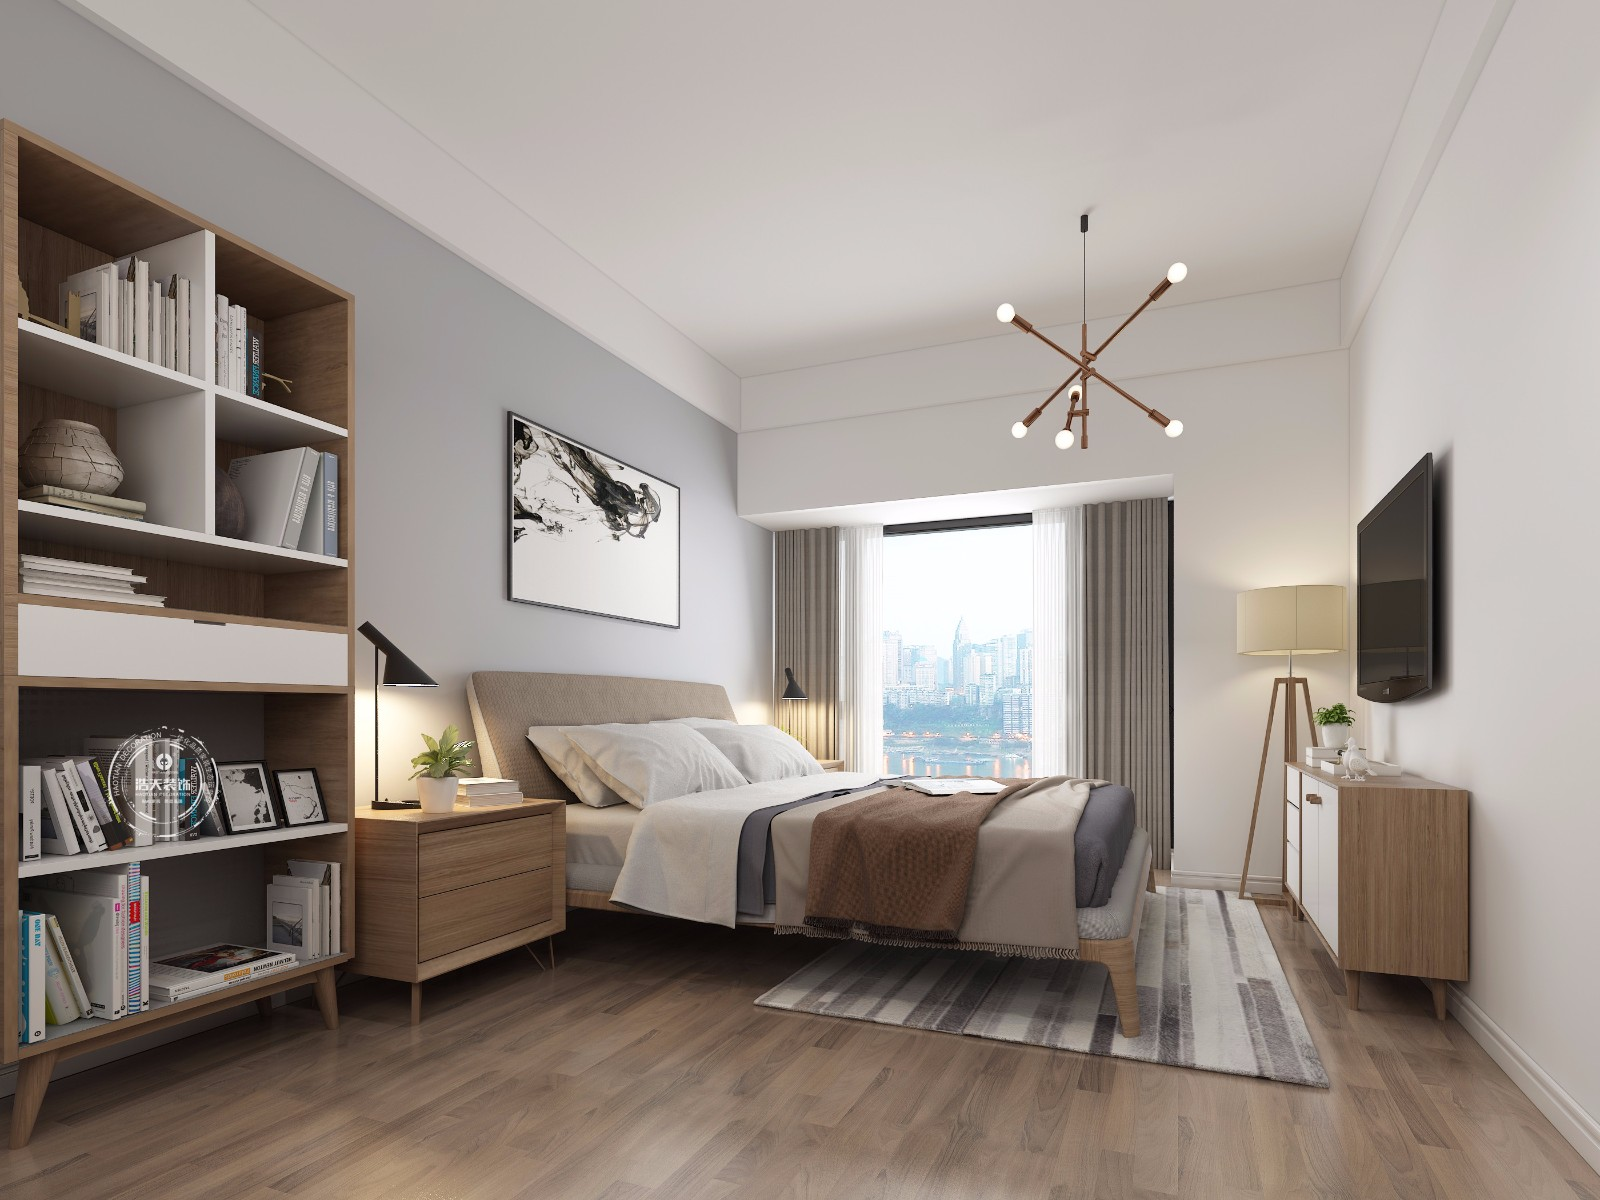 三居 卧室图片来自深圳浩天装饰在浩天装饰-壹城中心的分享